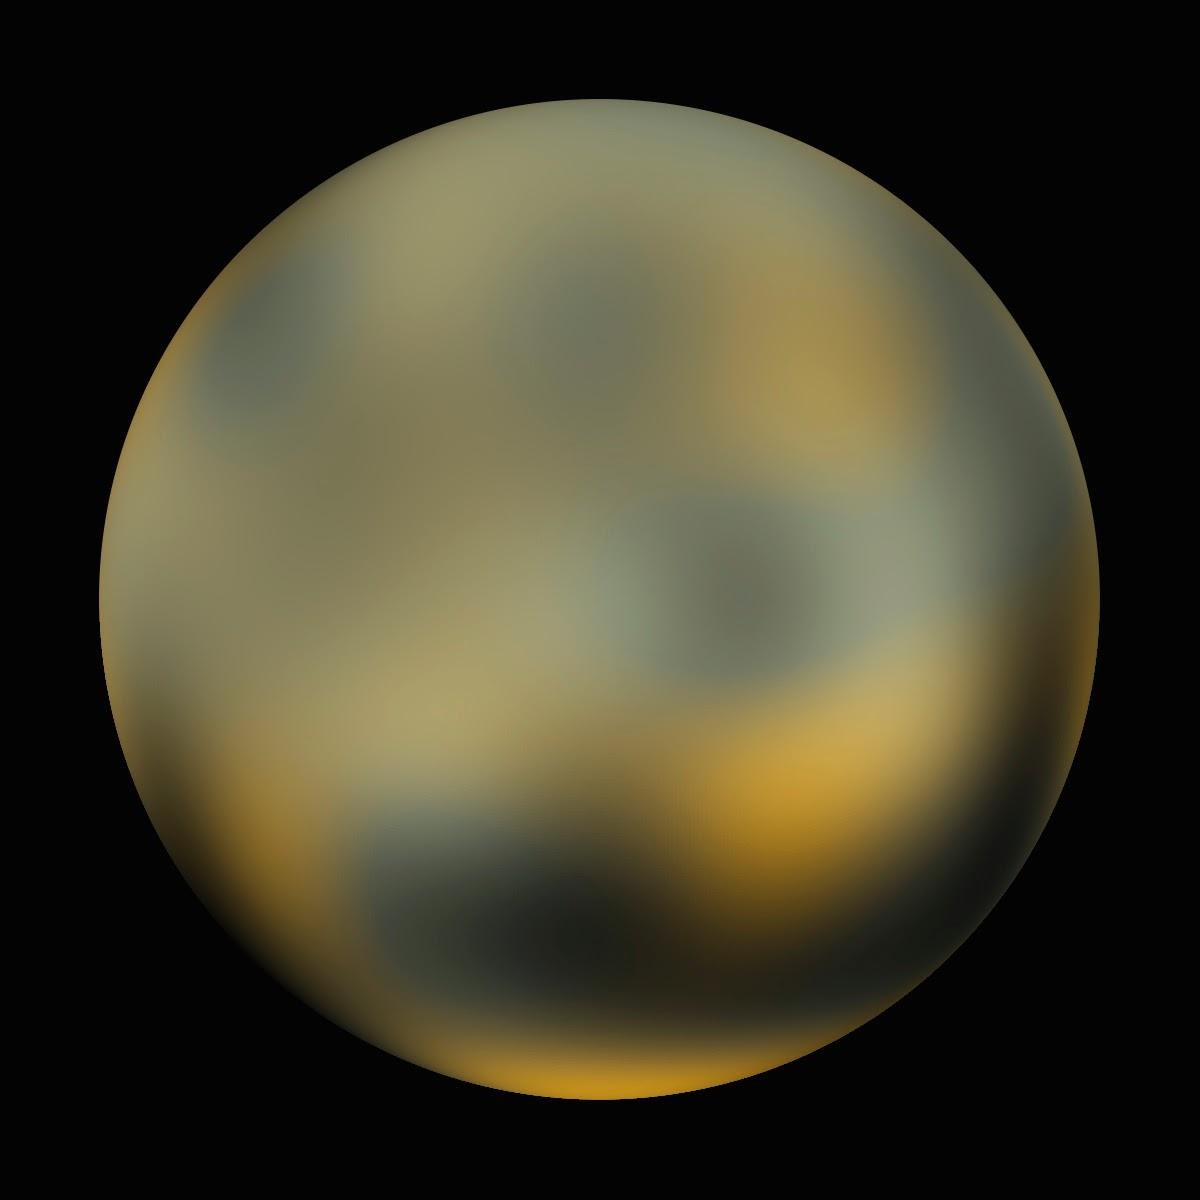 pluto the dawrf planet - photo #17